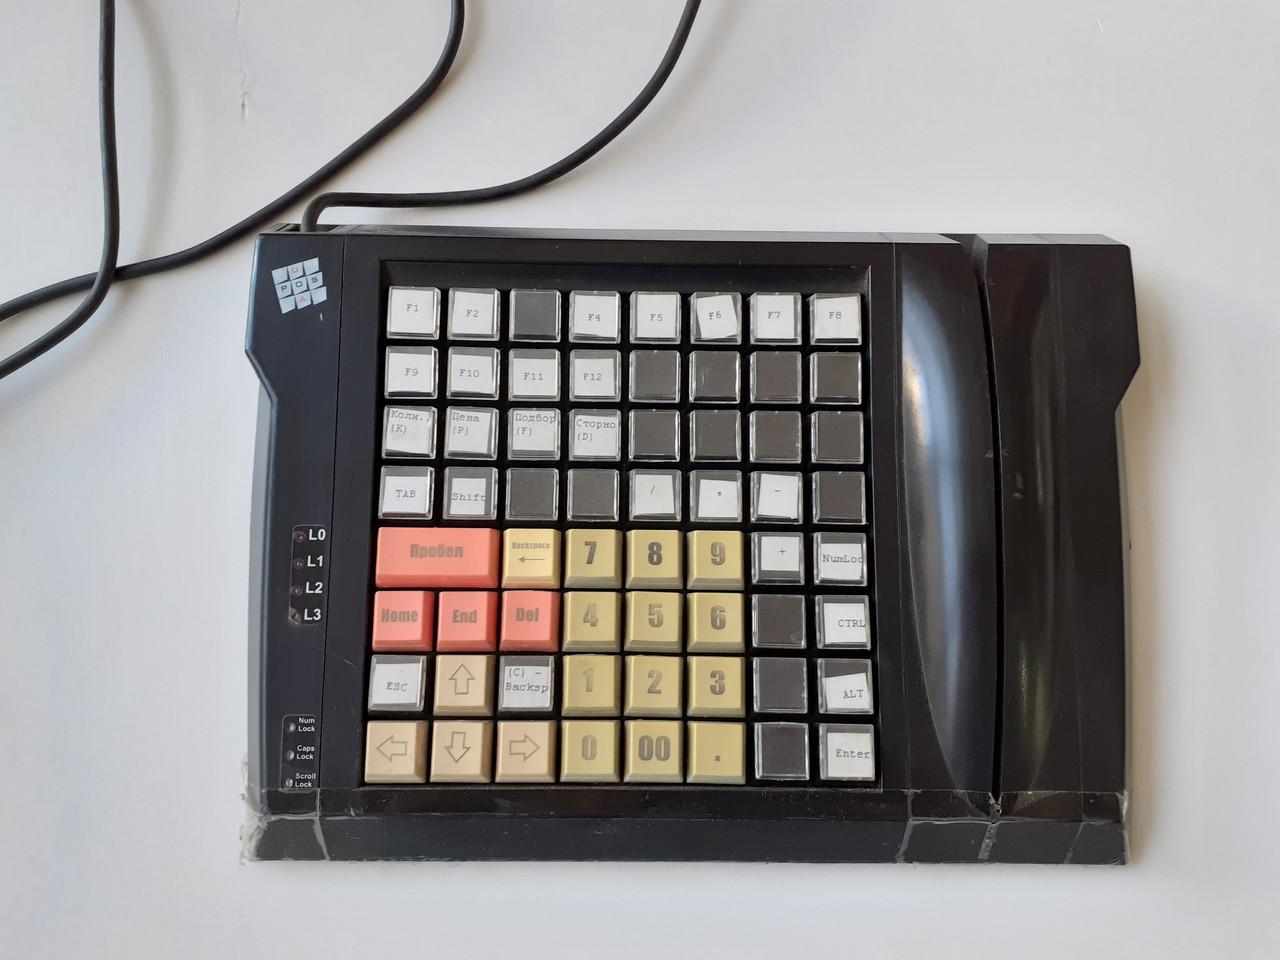 Клавиатура кассира 63 клавиши. POS-клавиатура 255х195мм. Б/У, с кардридером